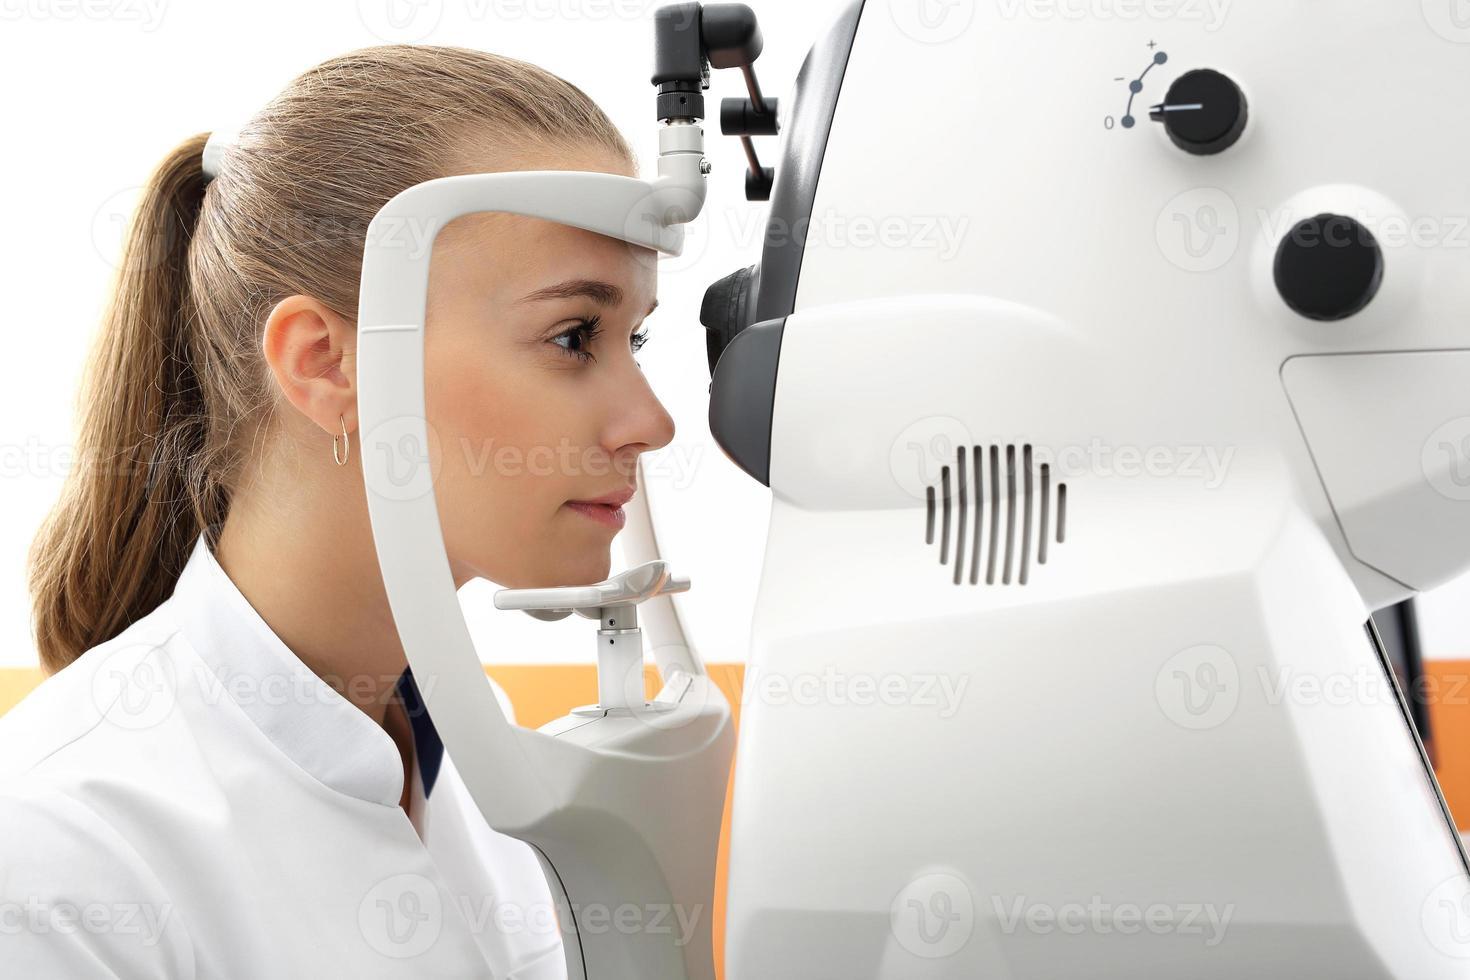 oogonderzoek, de patiënt in de oogheelkundige kliniek foto